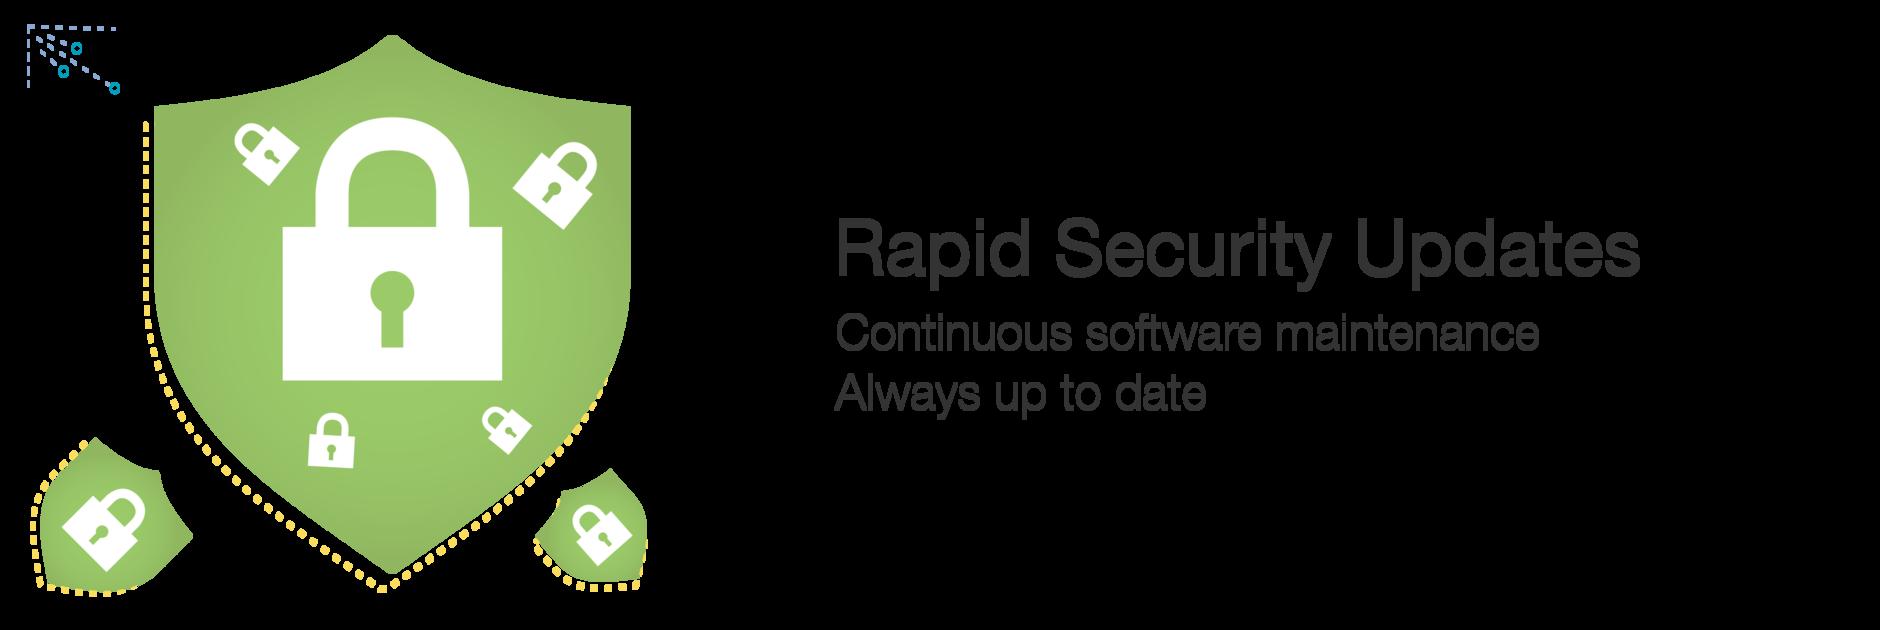 Rapid Security Updates